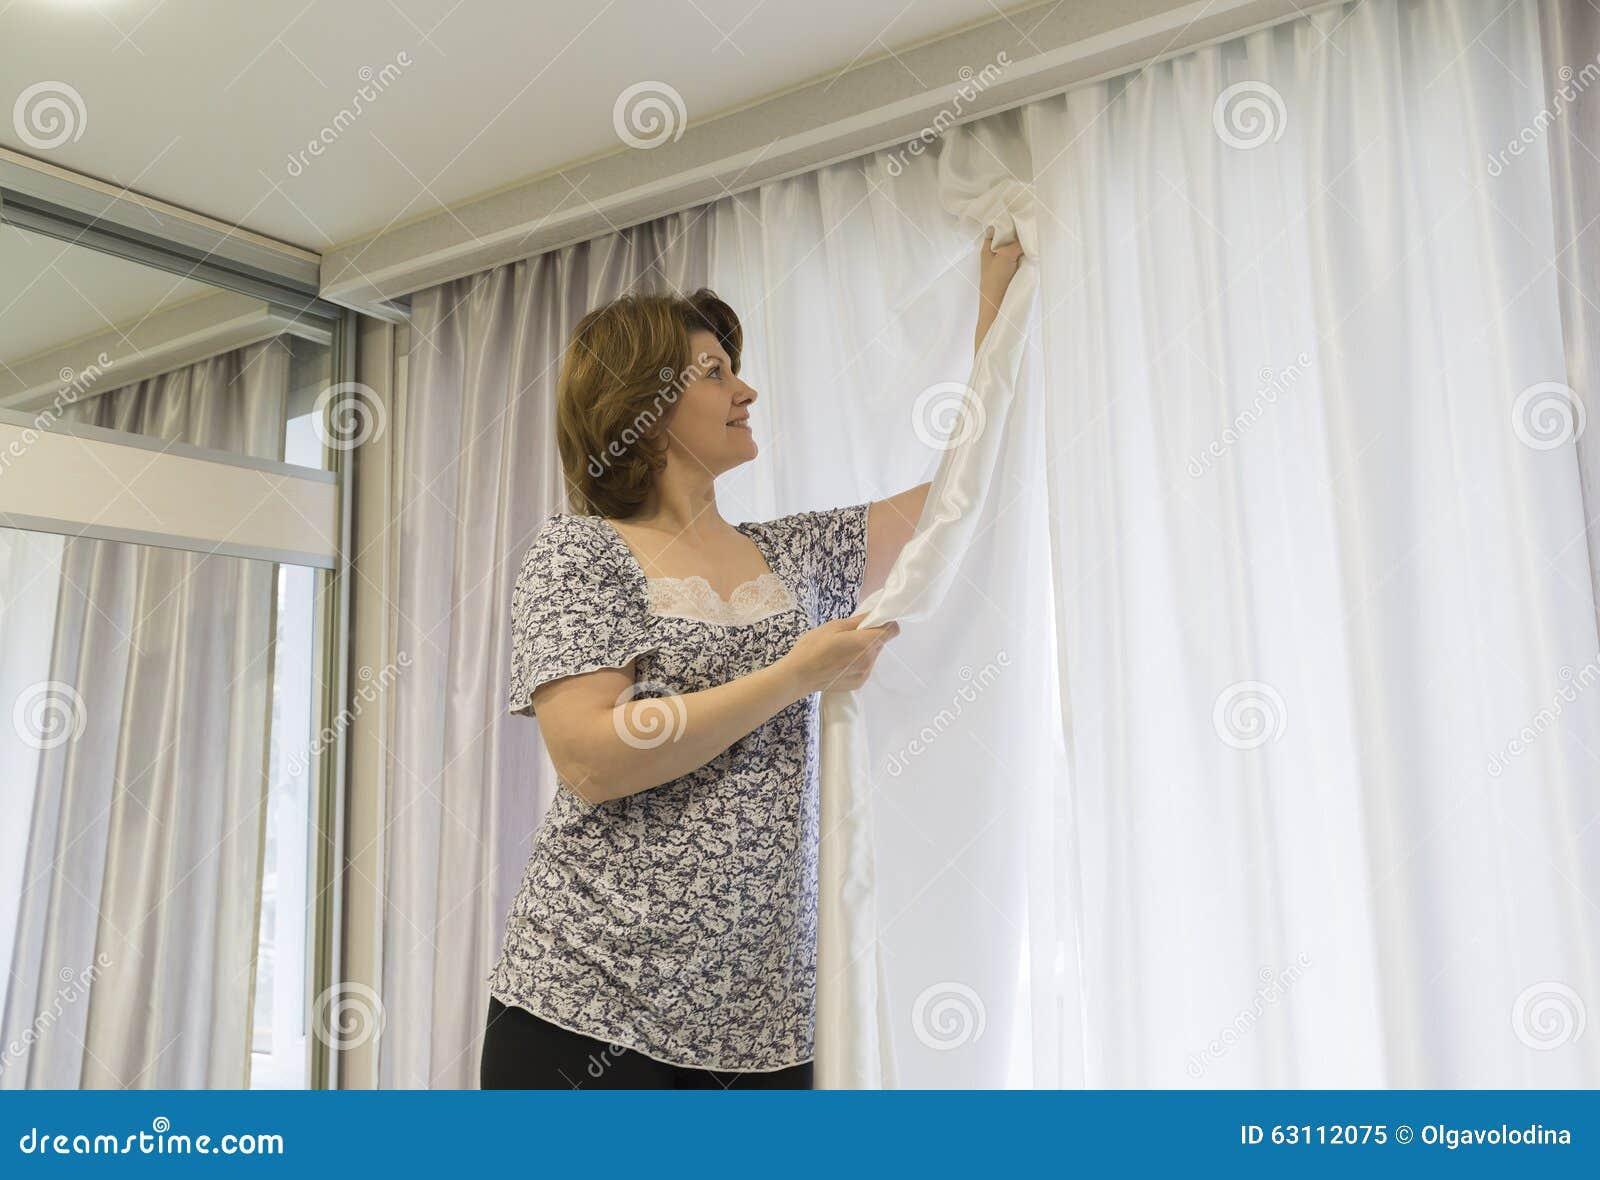 vrouw die omhoog zijn gordijnen hangen bij venster